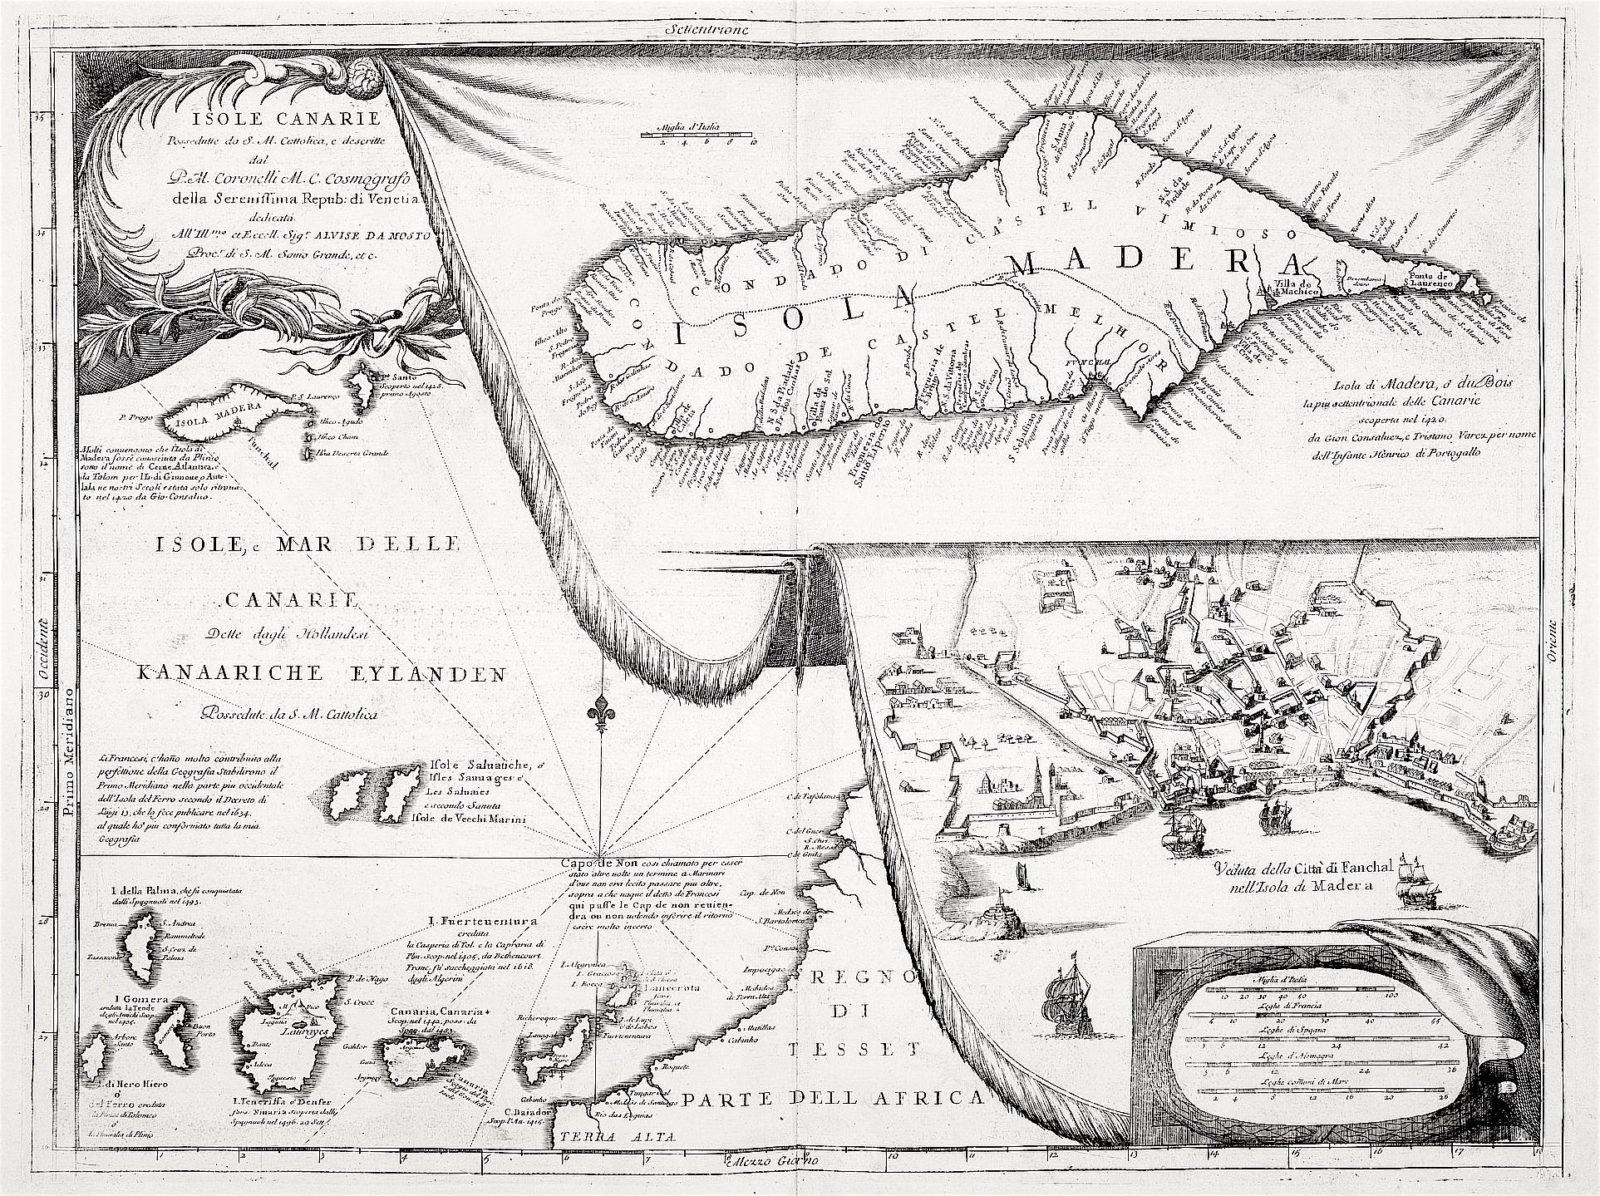 carta geografica canarie